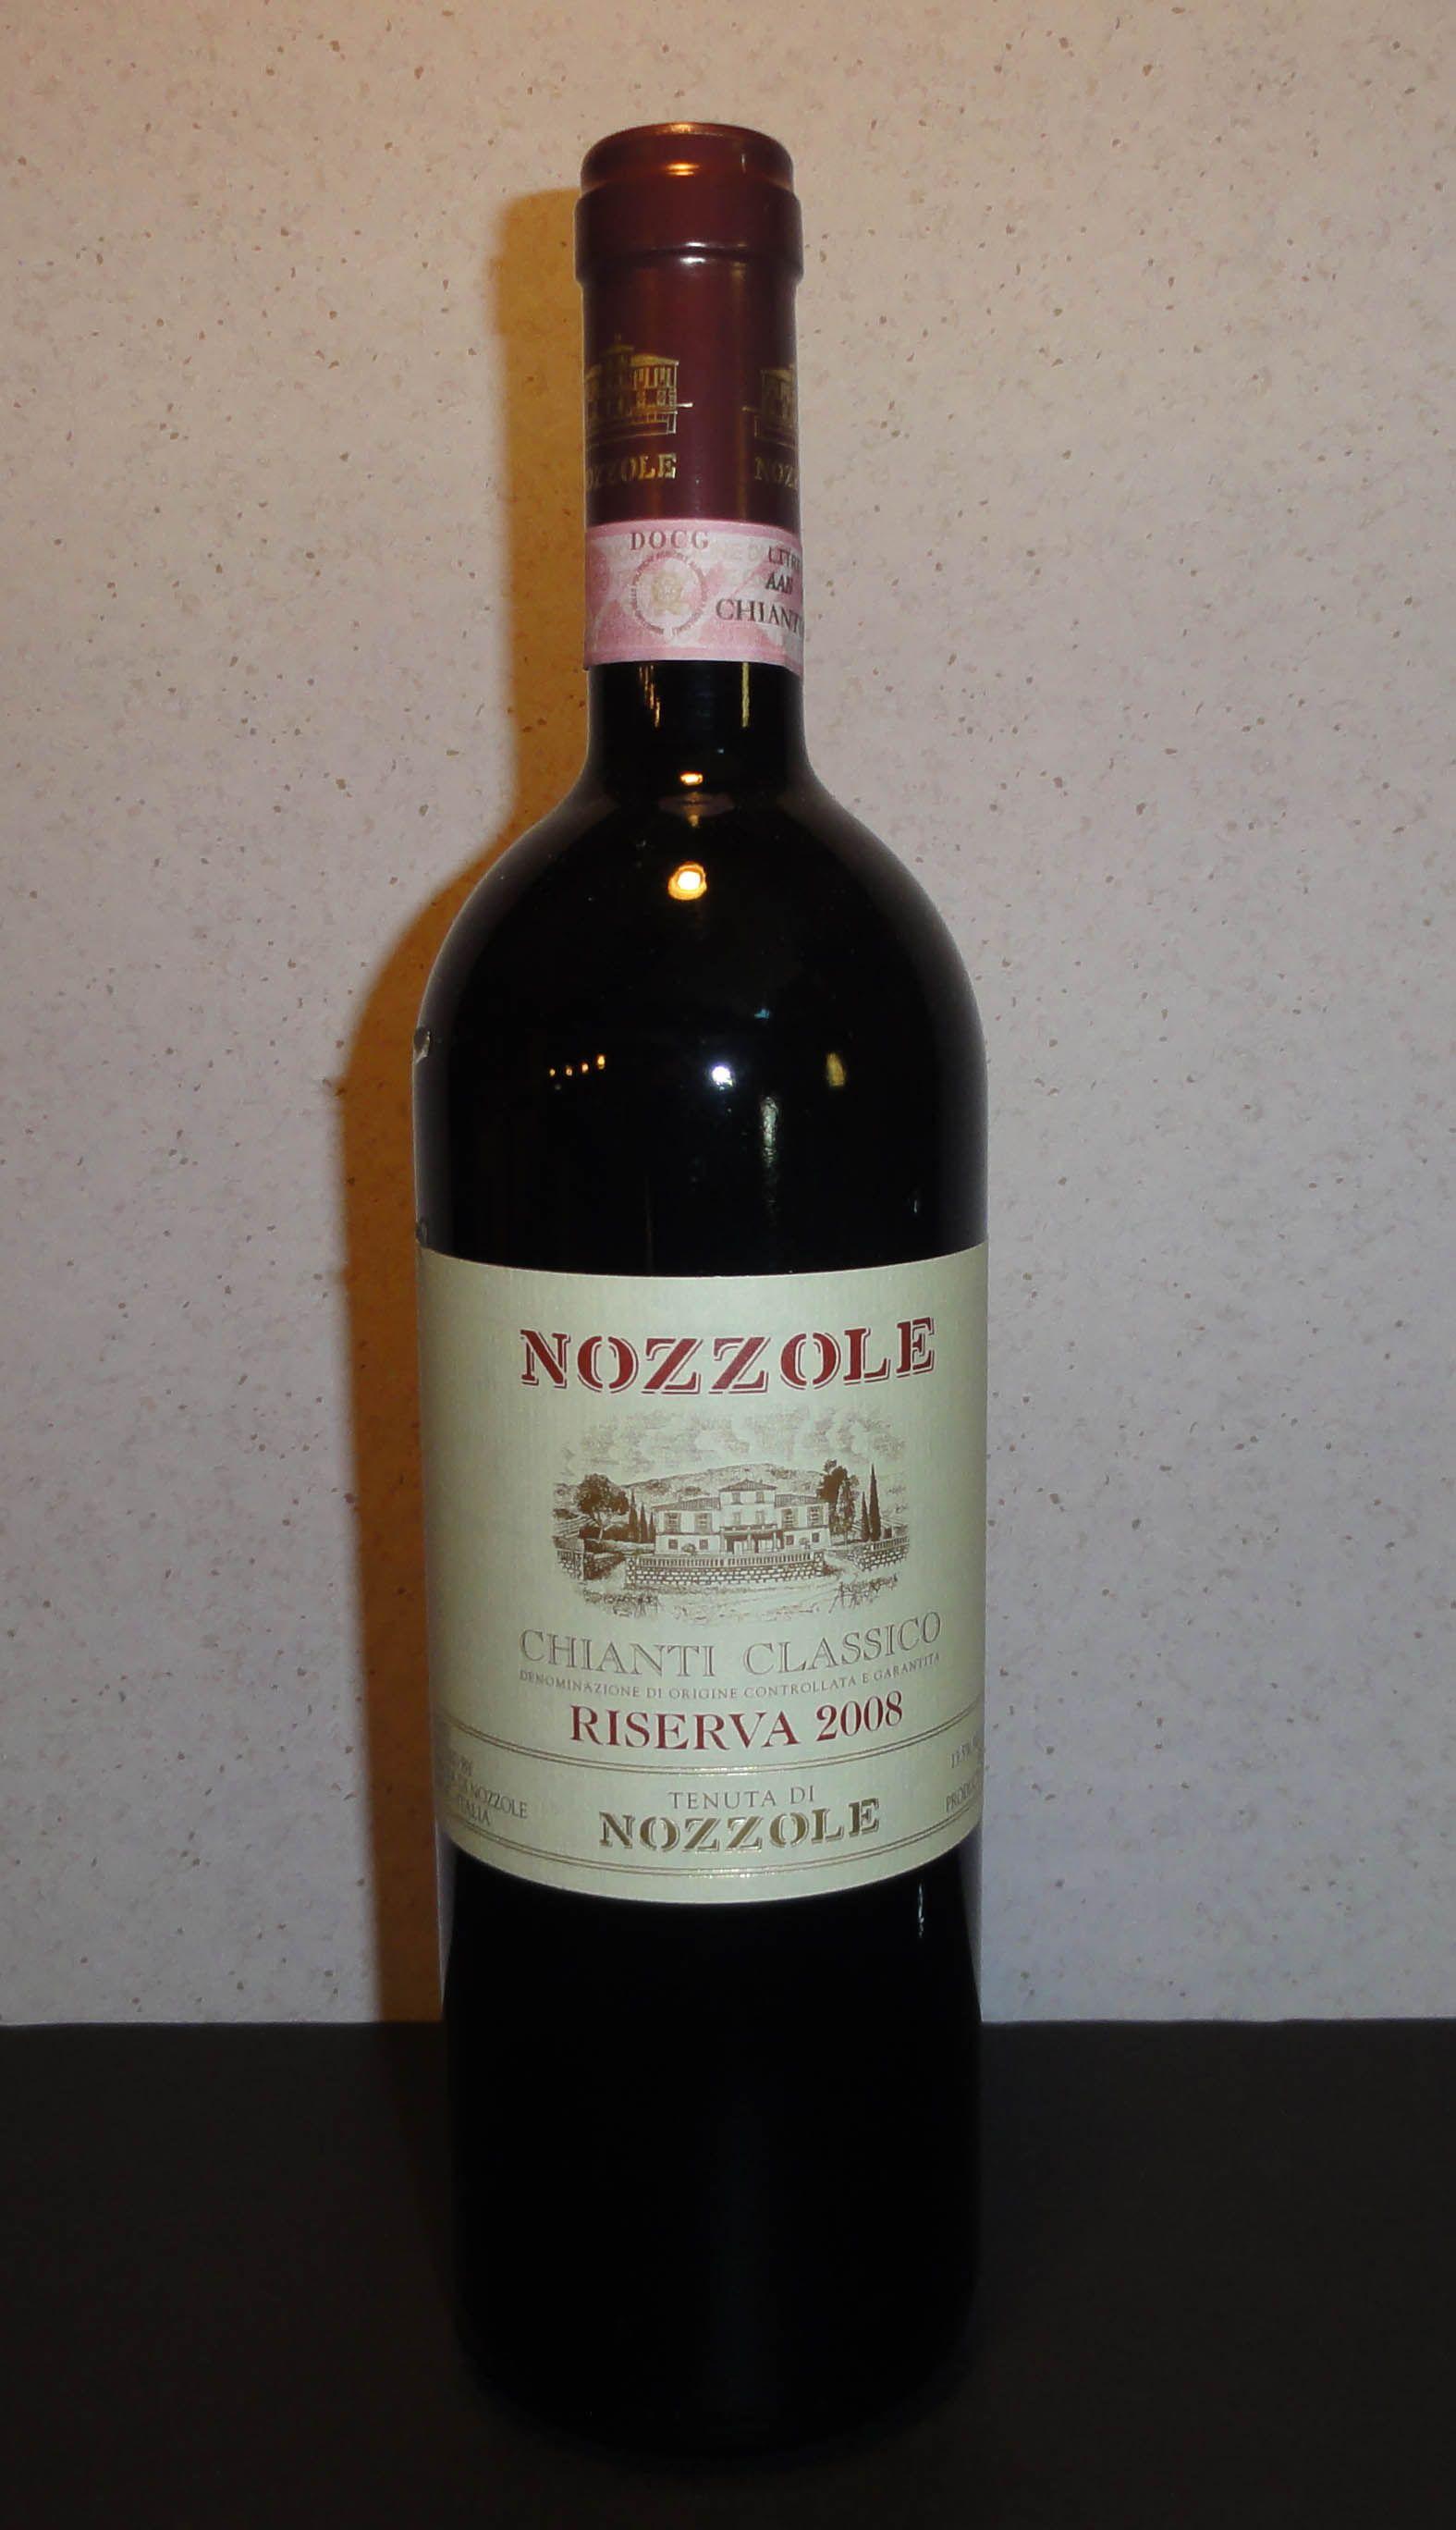 Nozzole, 2008 Chianti Classico Riserva, Greve Italy 26 Vino